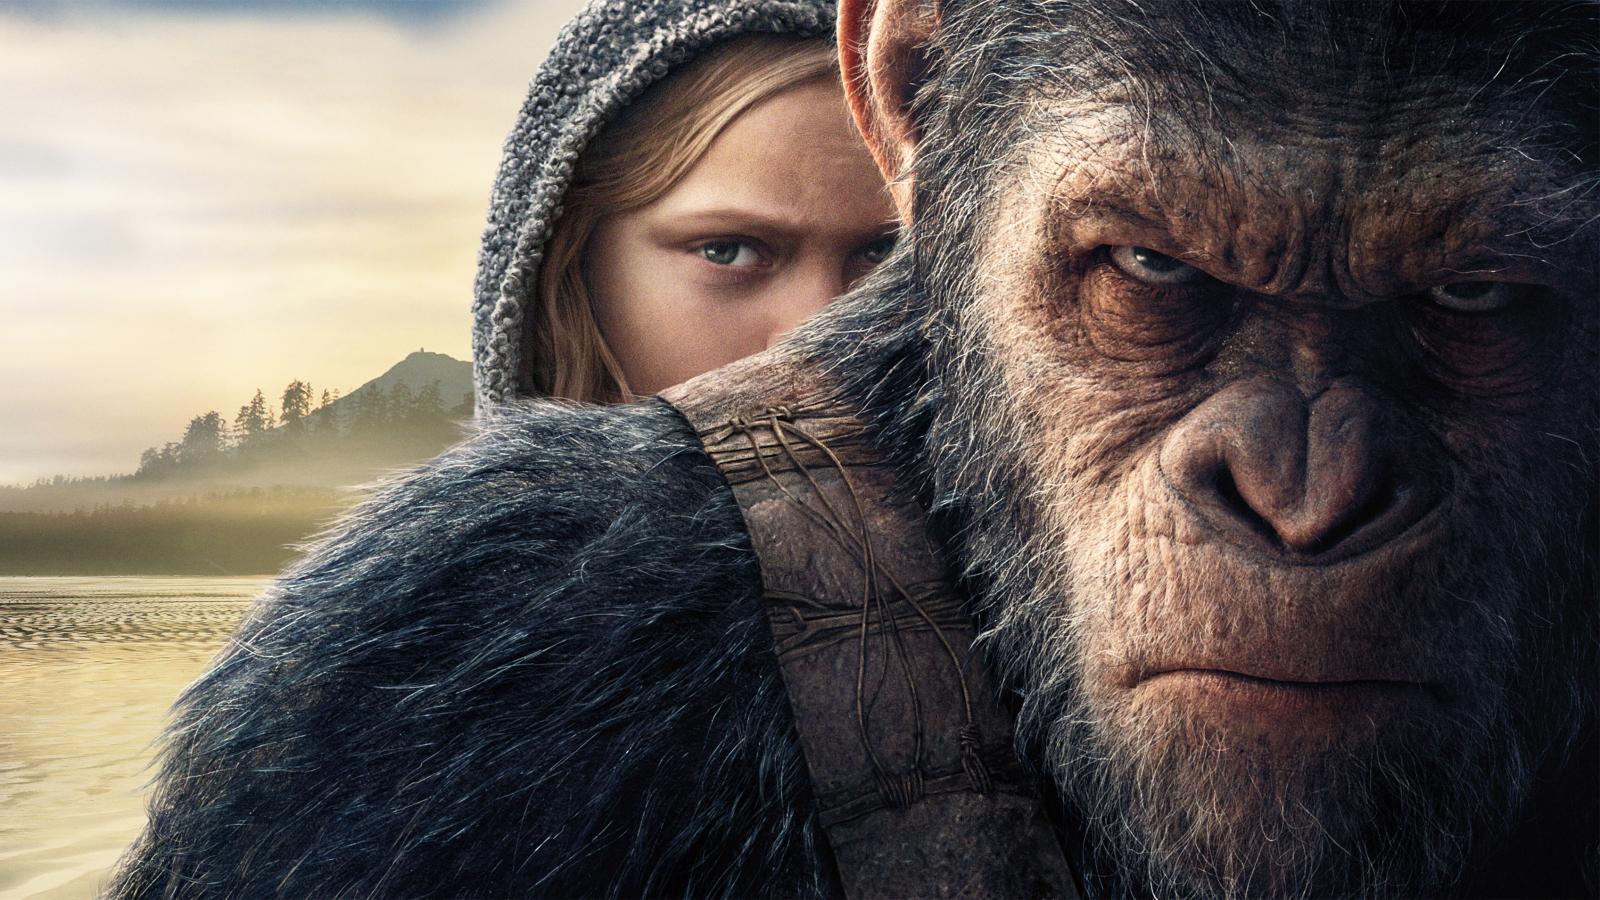 Планета обезьян 4 2019 фильм дата, актеры, трейлер